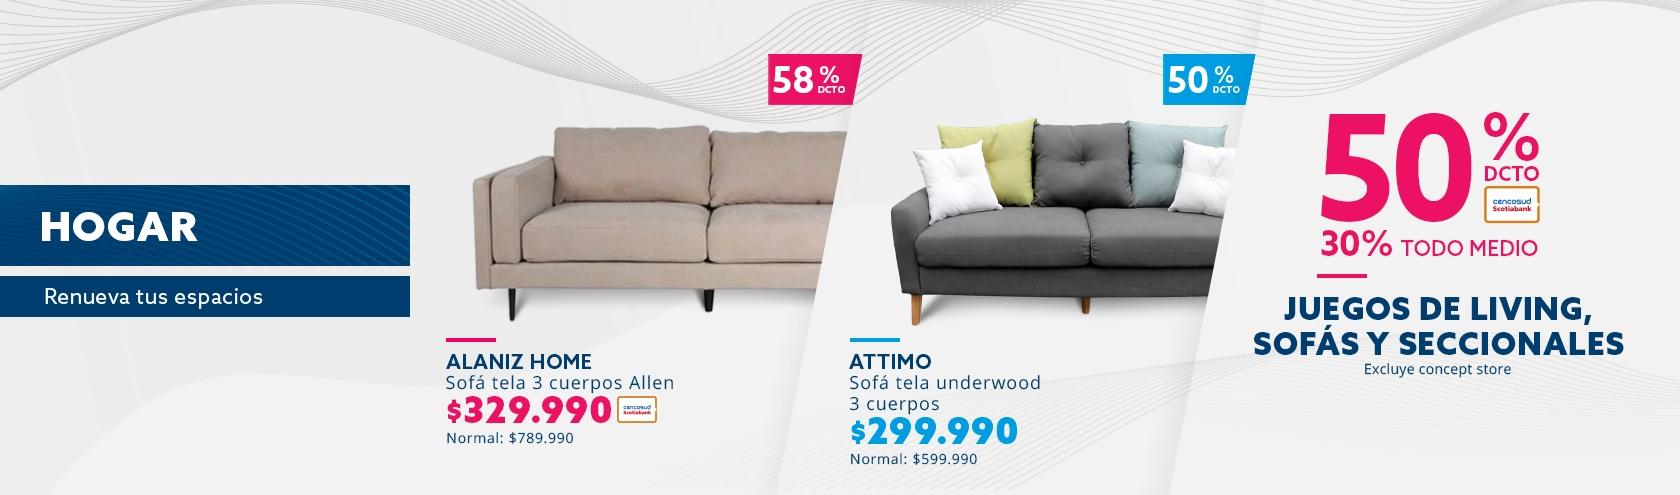 Juegos de living, sofas y seccionales. Excluye concept store